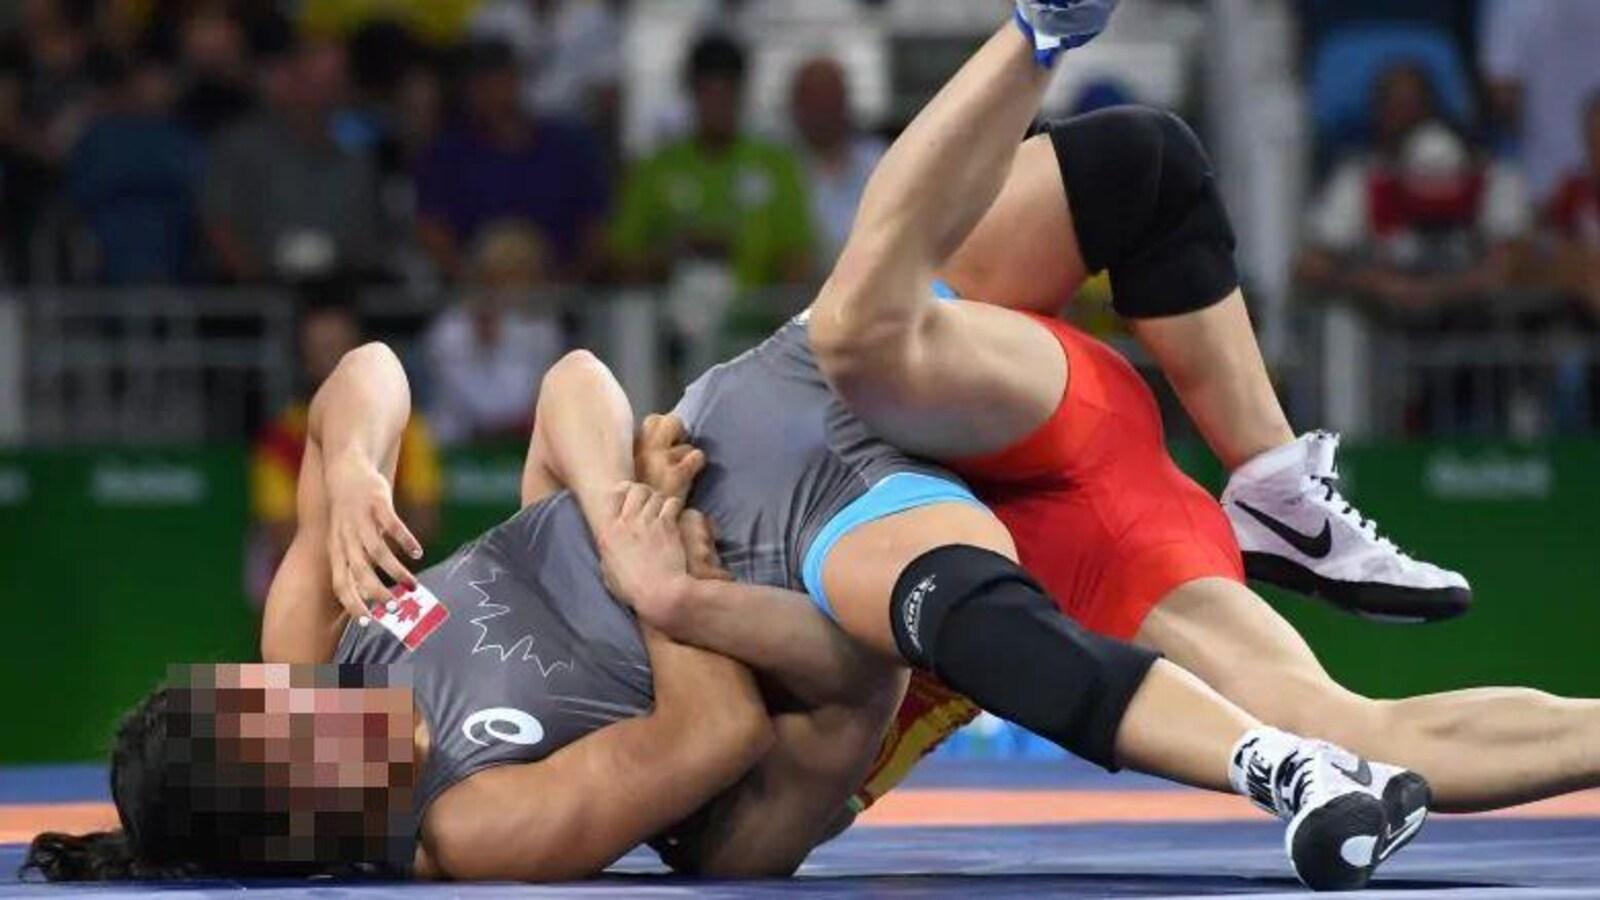 Deux lutteuses lors d'une compétition olympique.